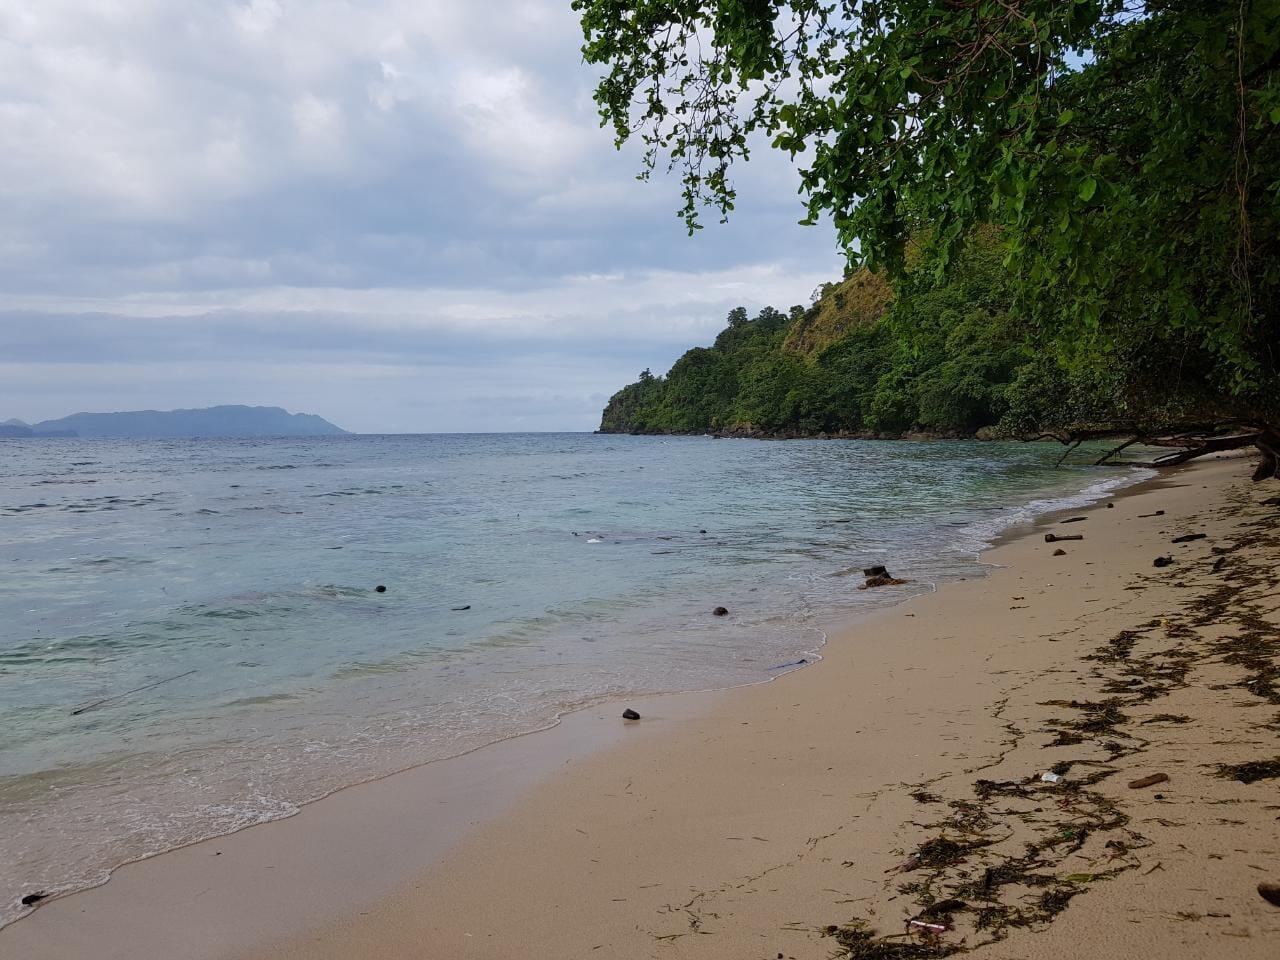 Tanjung Pulisan Menuju KEK Pertama Berkonsep Resort Konservasi dan Taman Laut